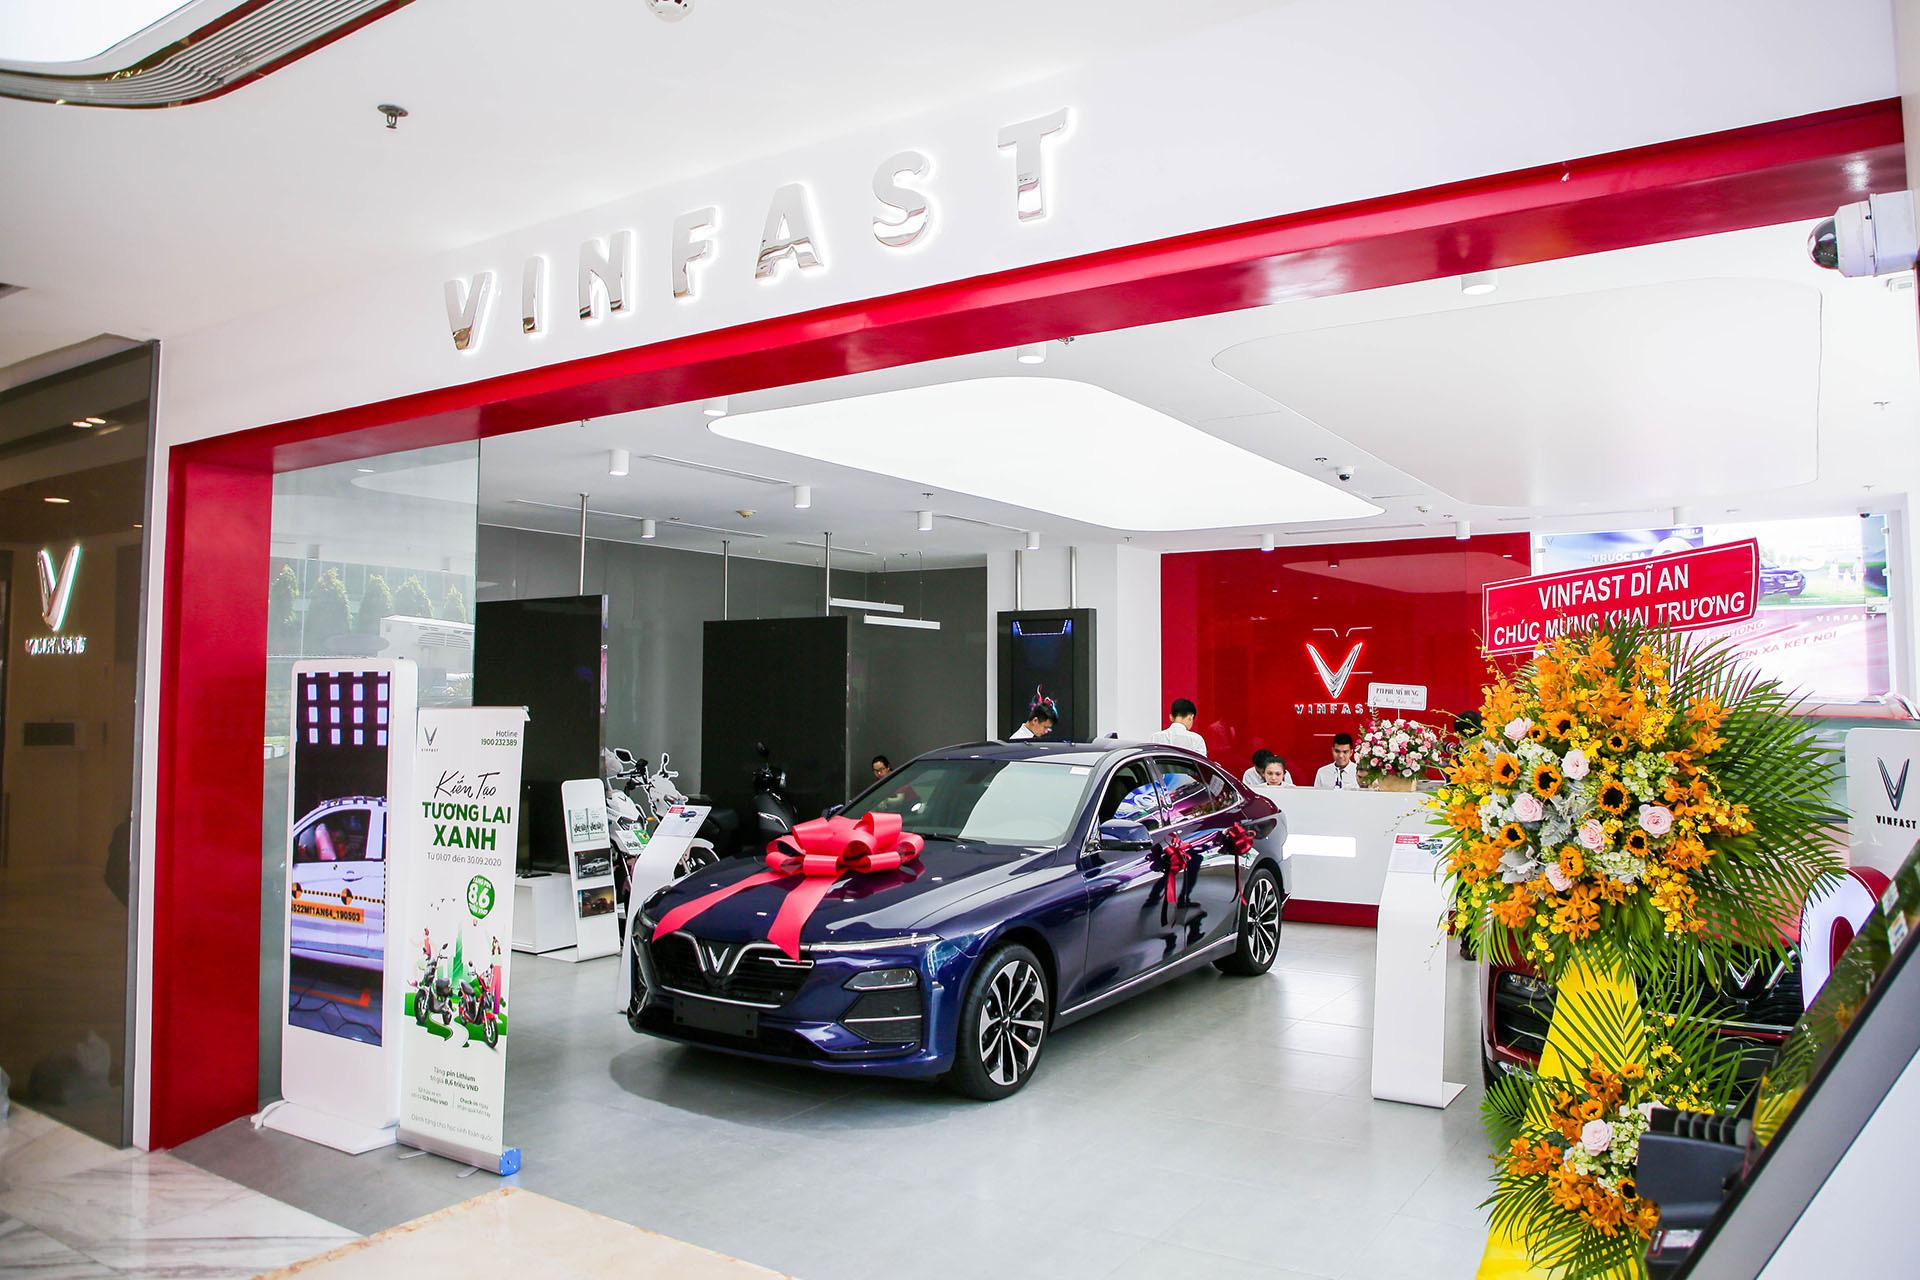 VinFast lập kỷ lục khai trương 27 showroom trong một ngày - Ảnh 1.